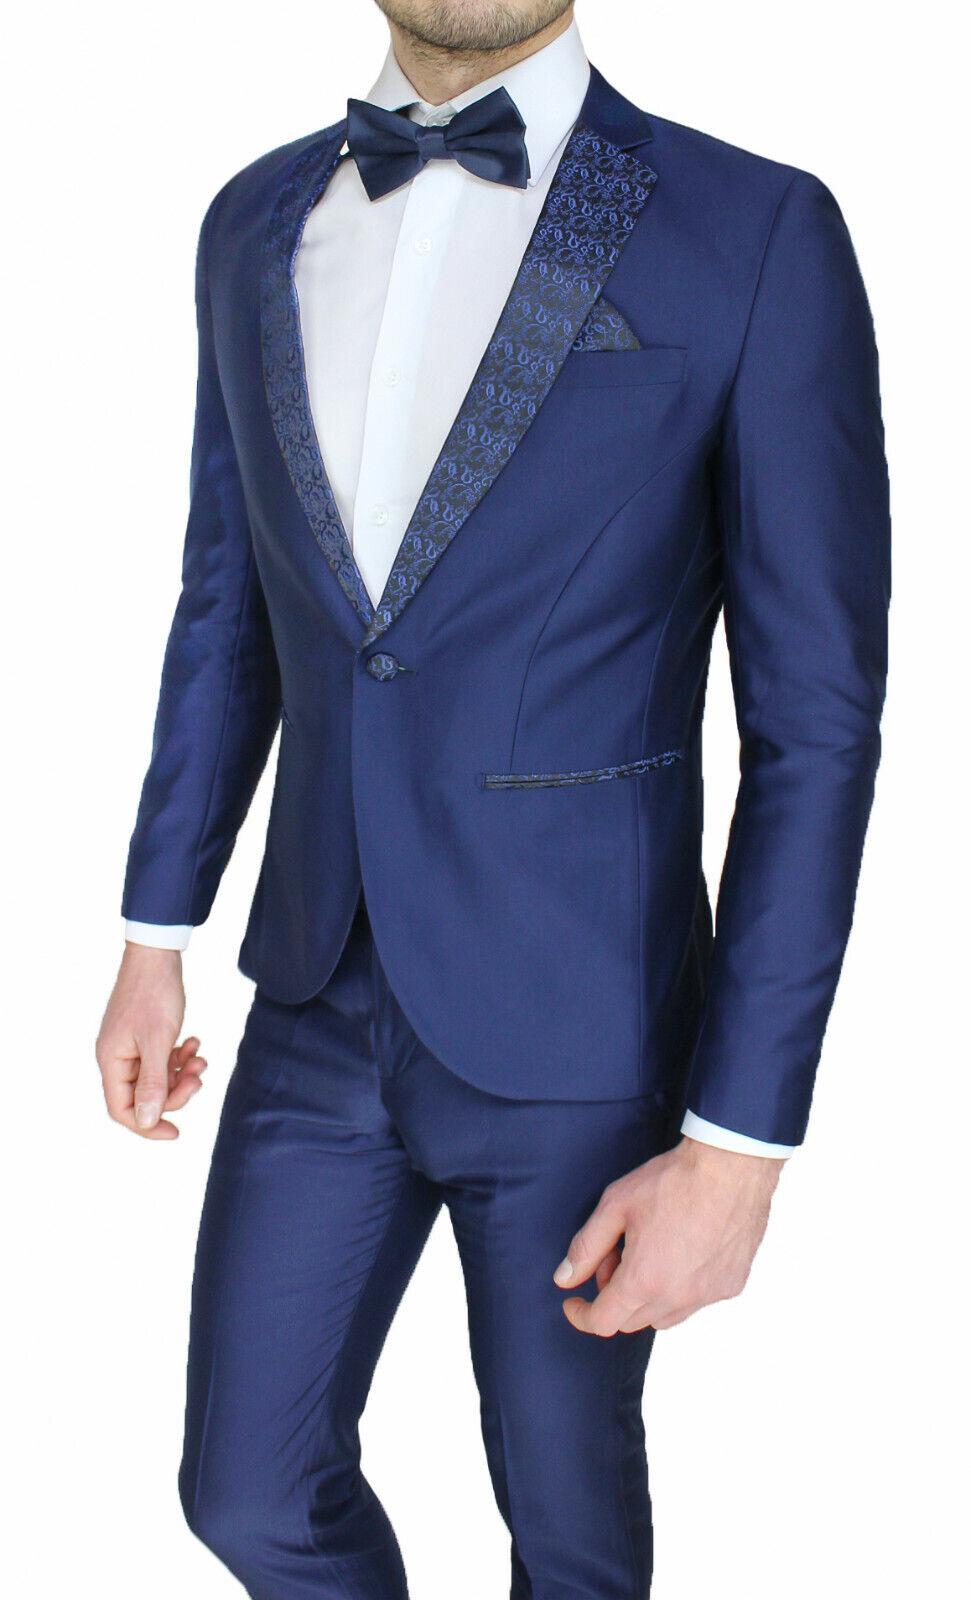 f292d326b6 Elegante abito da uomo sartoriale in raso blu estivo completo ...